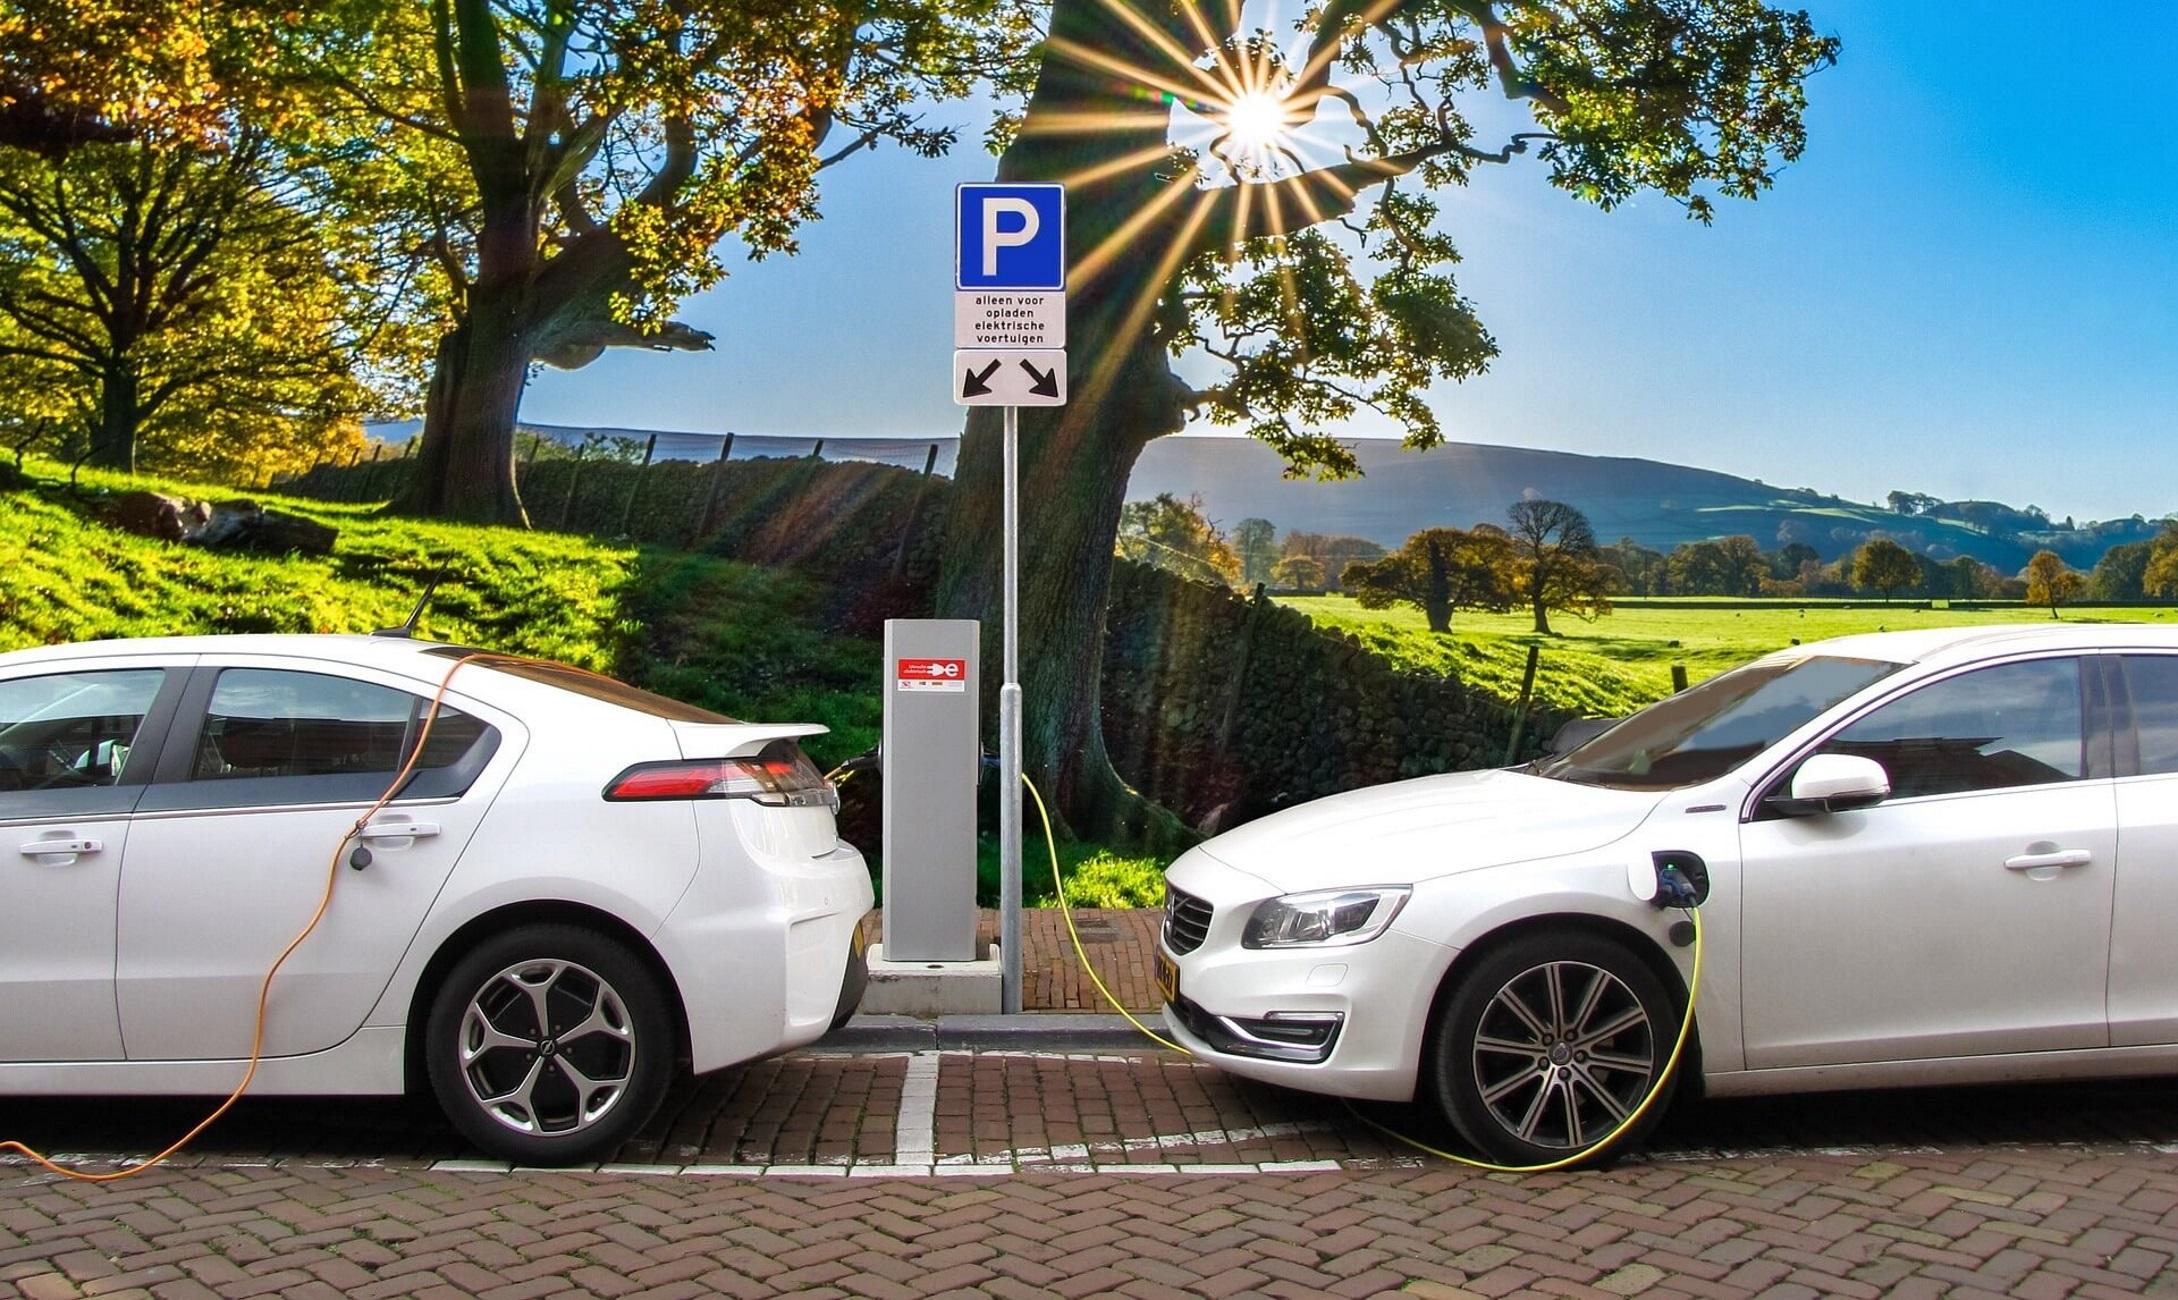 """Ηλεκτρικά αυτοκίνητα: Ανεβαίνουν οι πωλήσεις – """"Σφήνα σε βενζίνη, ντίζελ"""